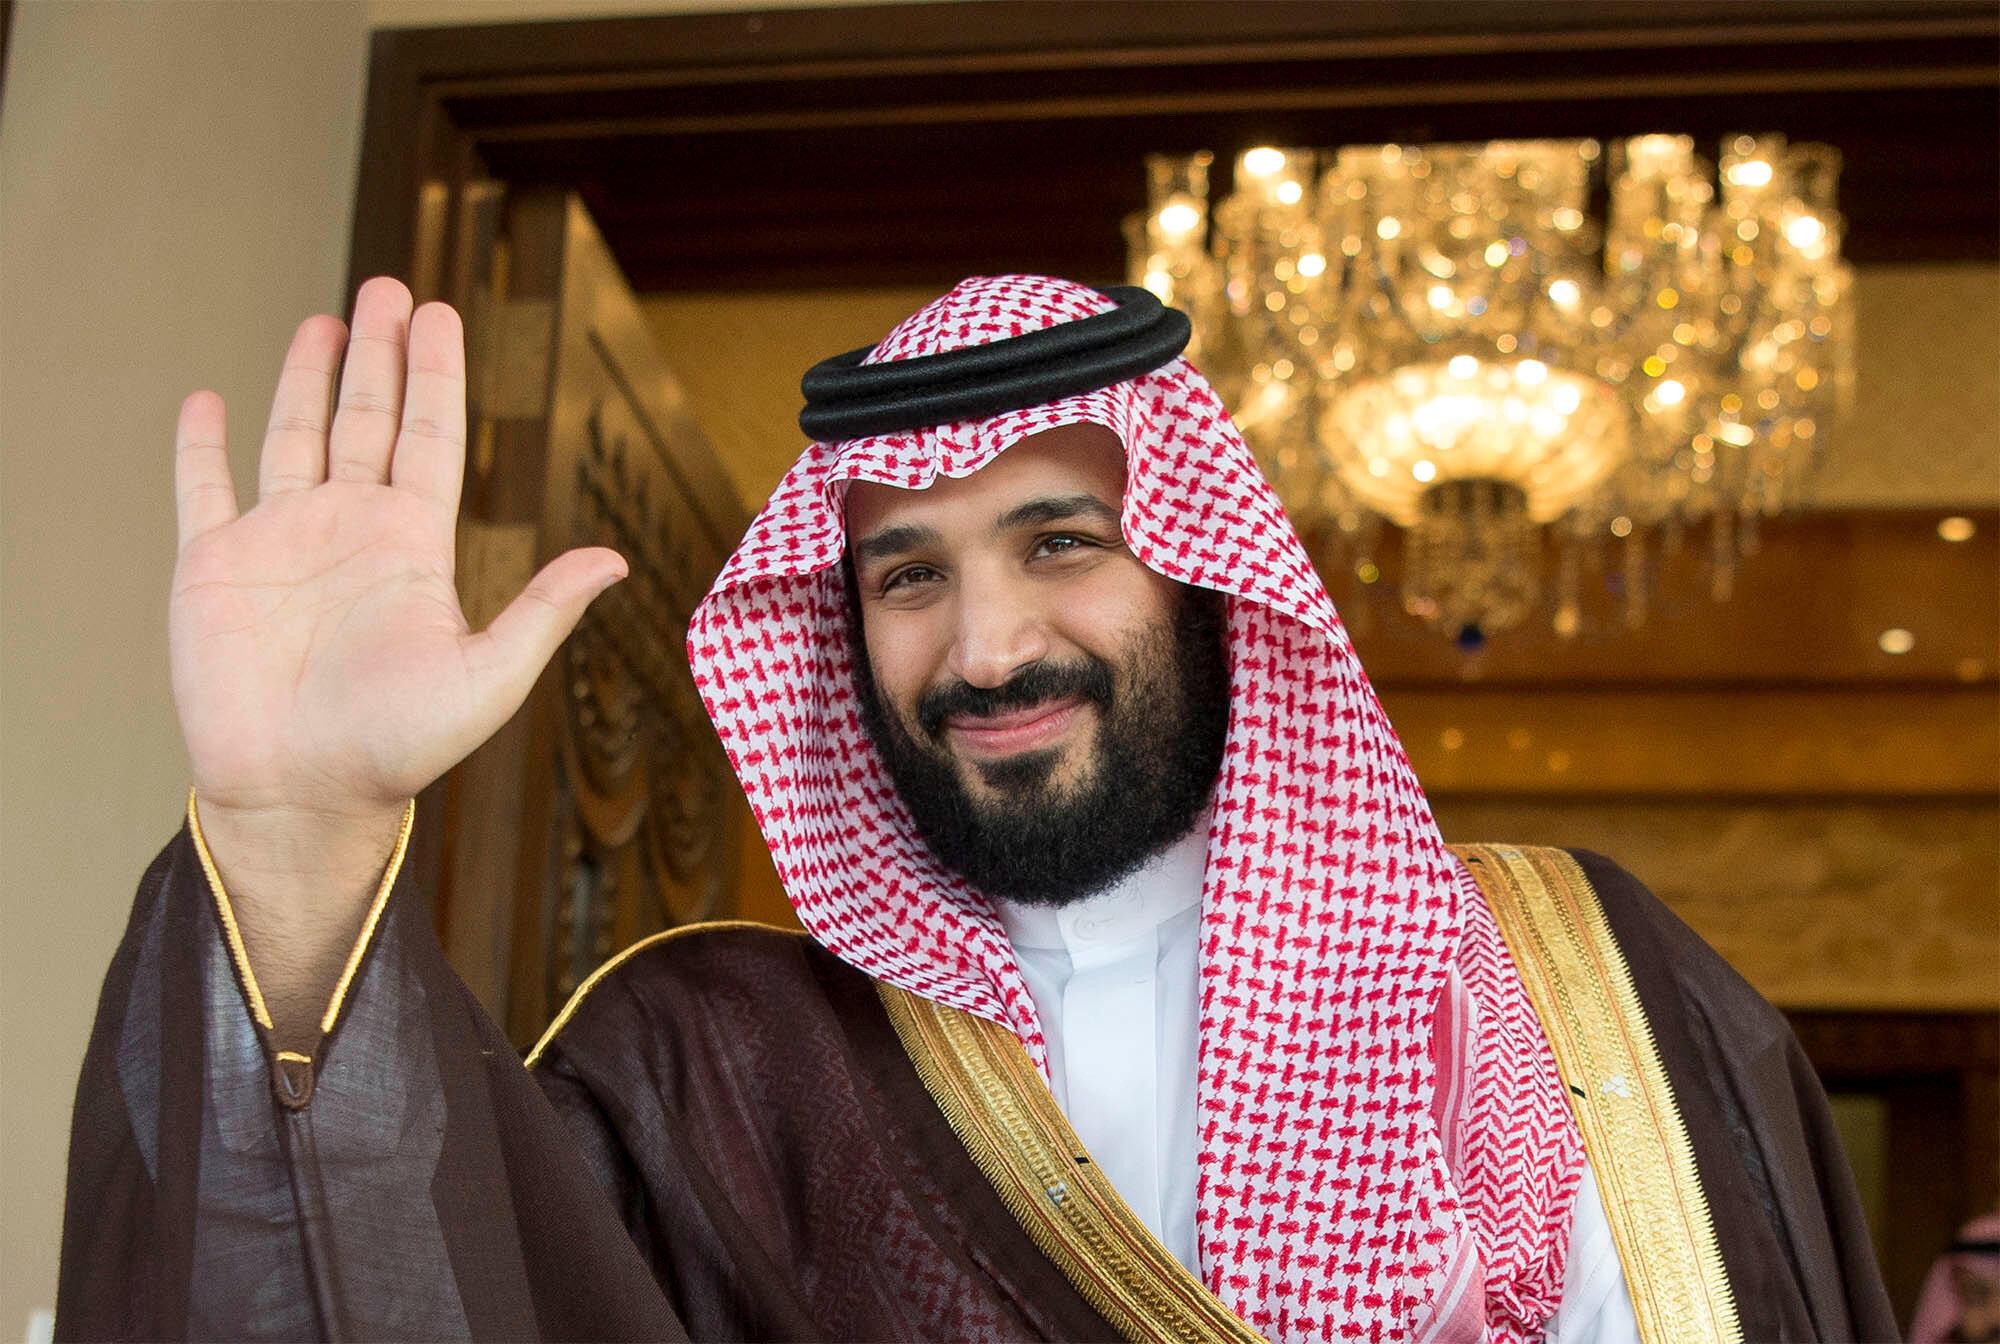 An dai gano Muhammad Bin Salman cike da murmushi yana daukar hoto da mahalarta taron duk kuwa da dambarwar kisan Jamal Kashoggi da ake yi kansa.